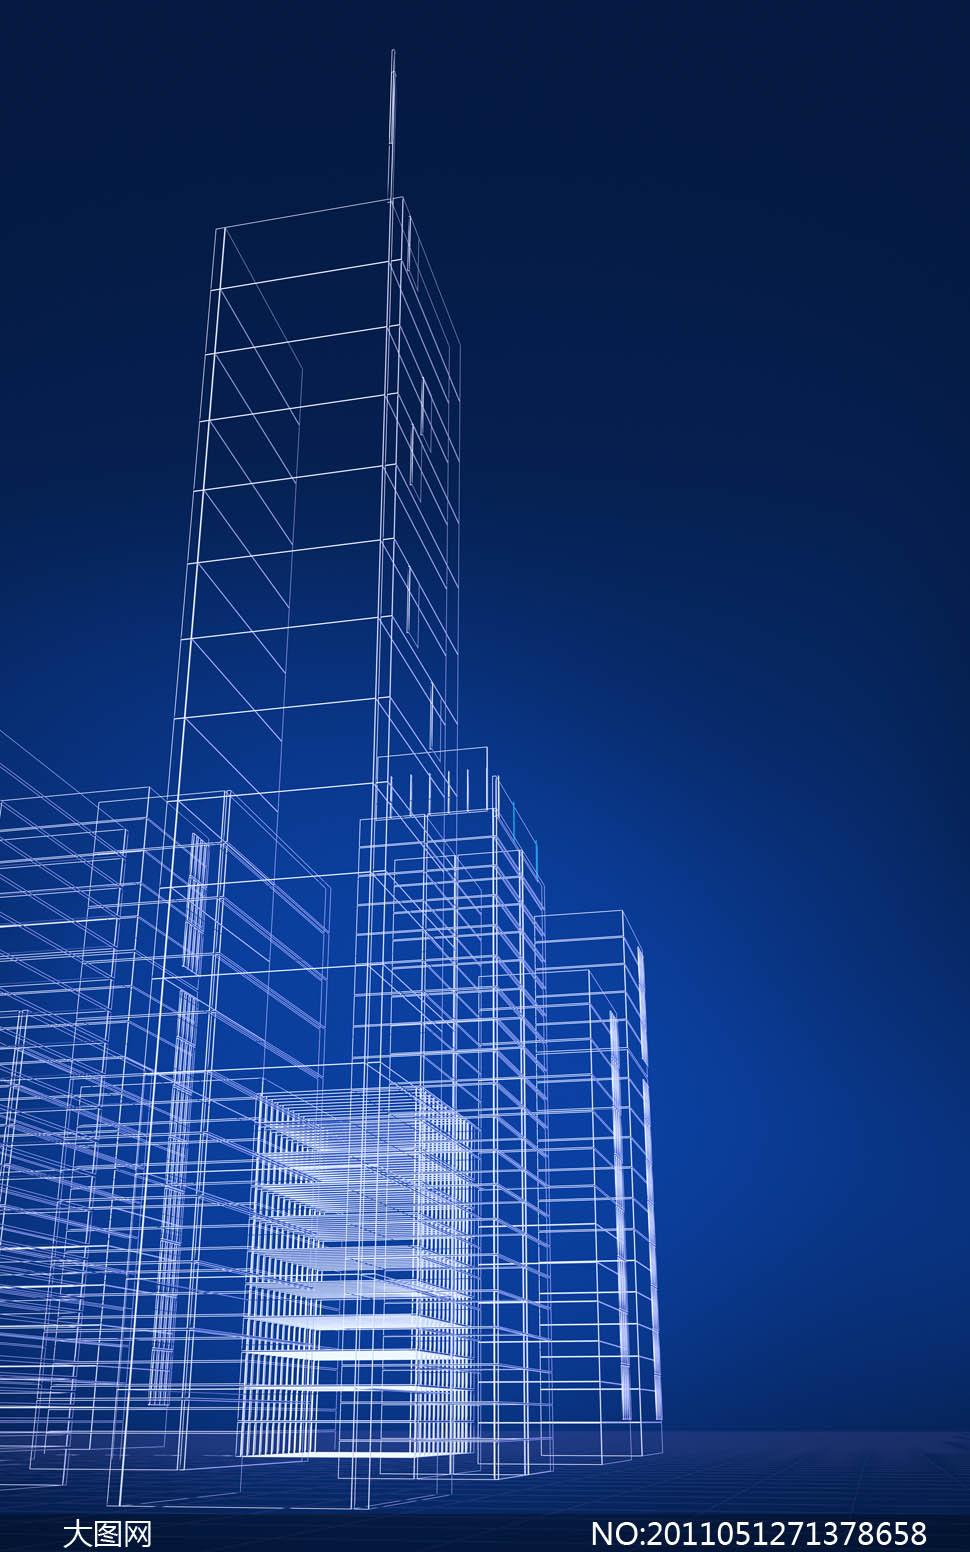 城市建筑物线条轮廓图片素材